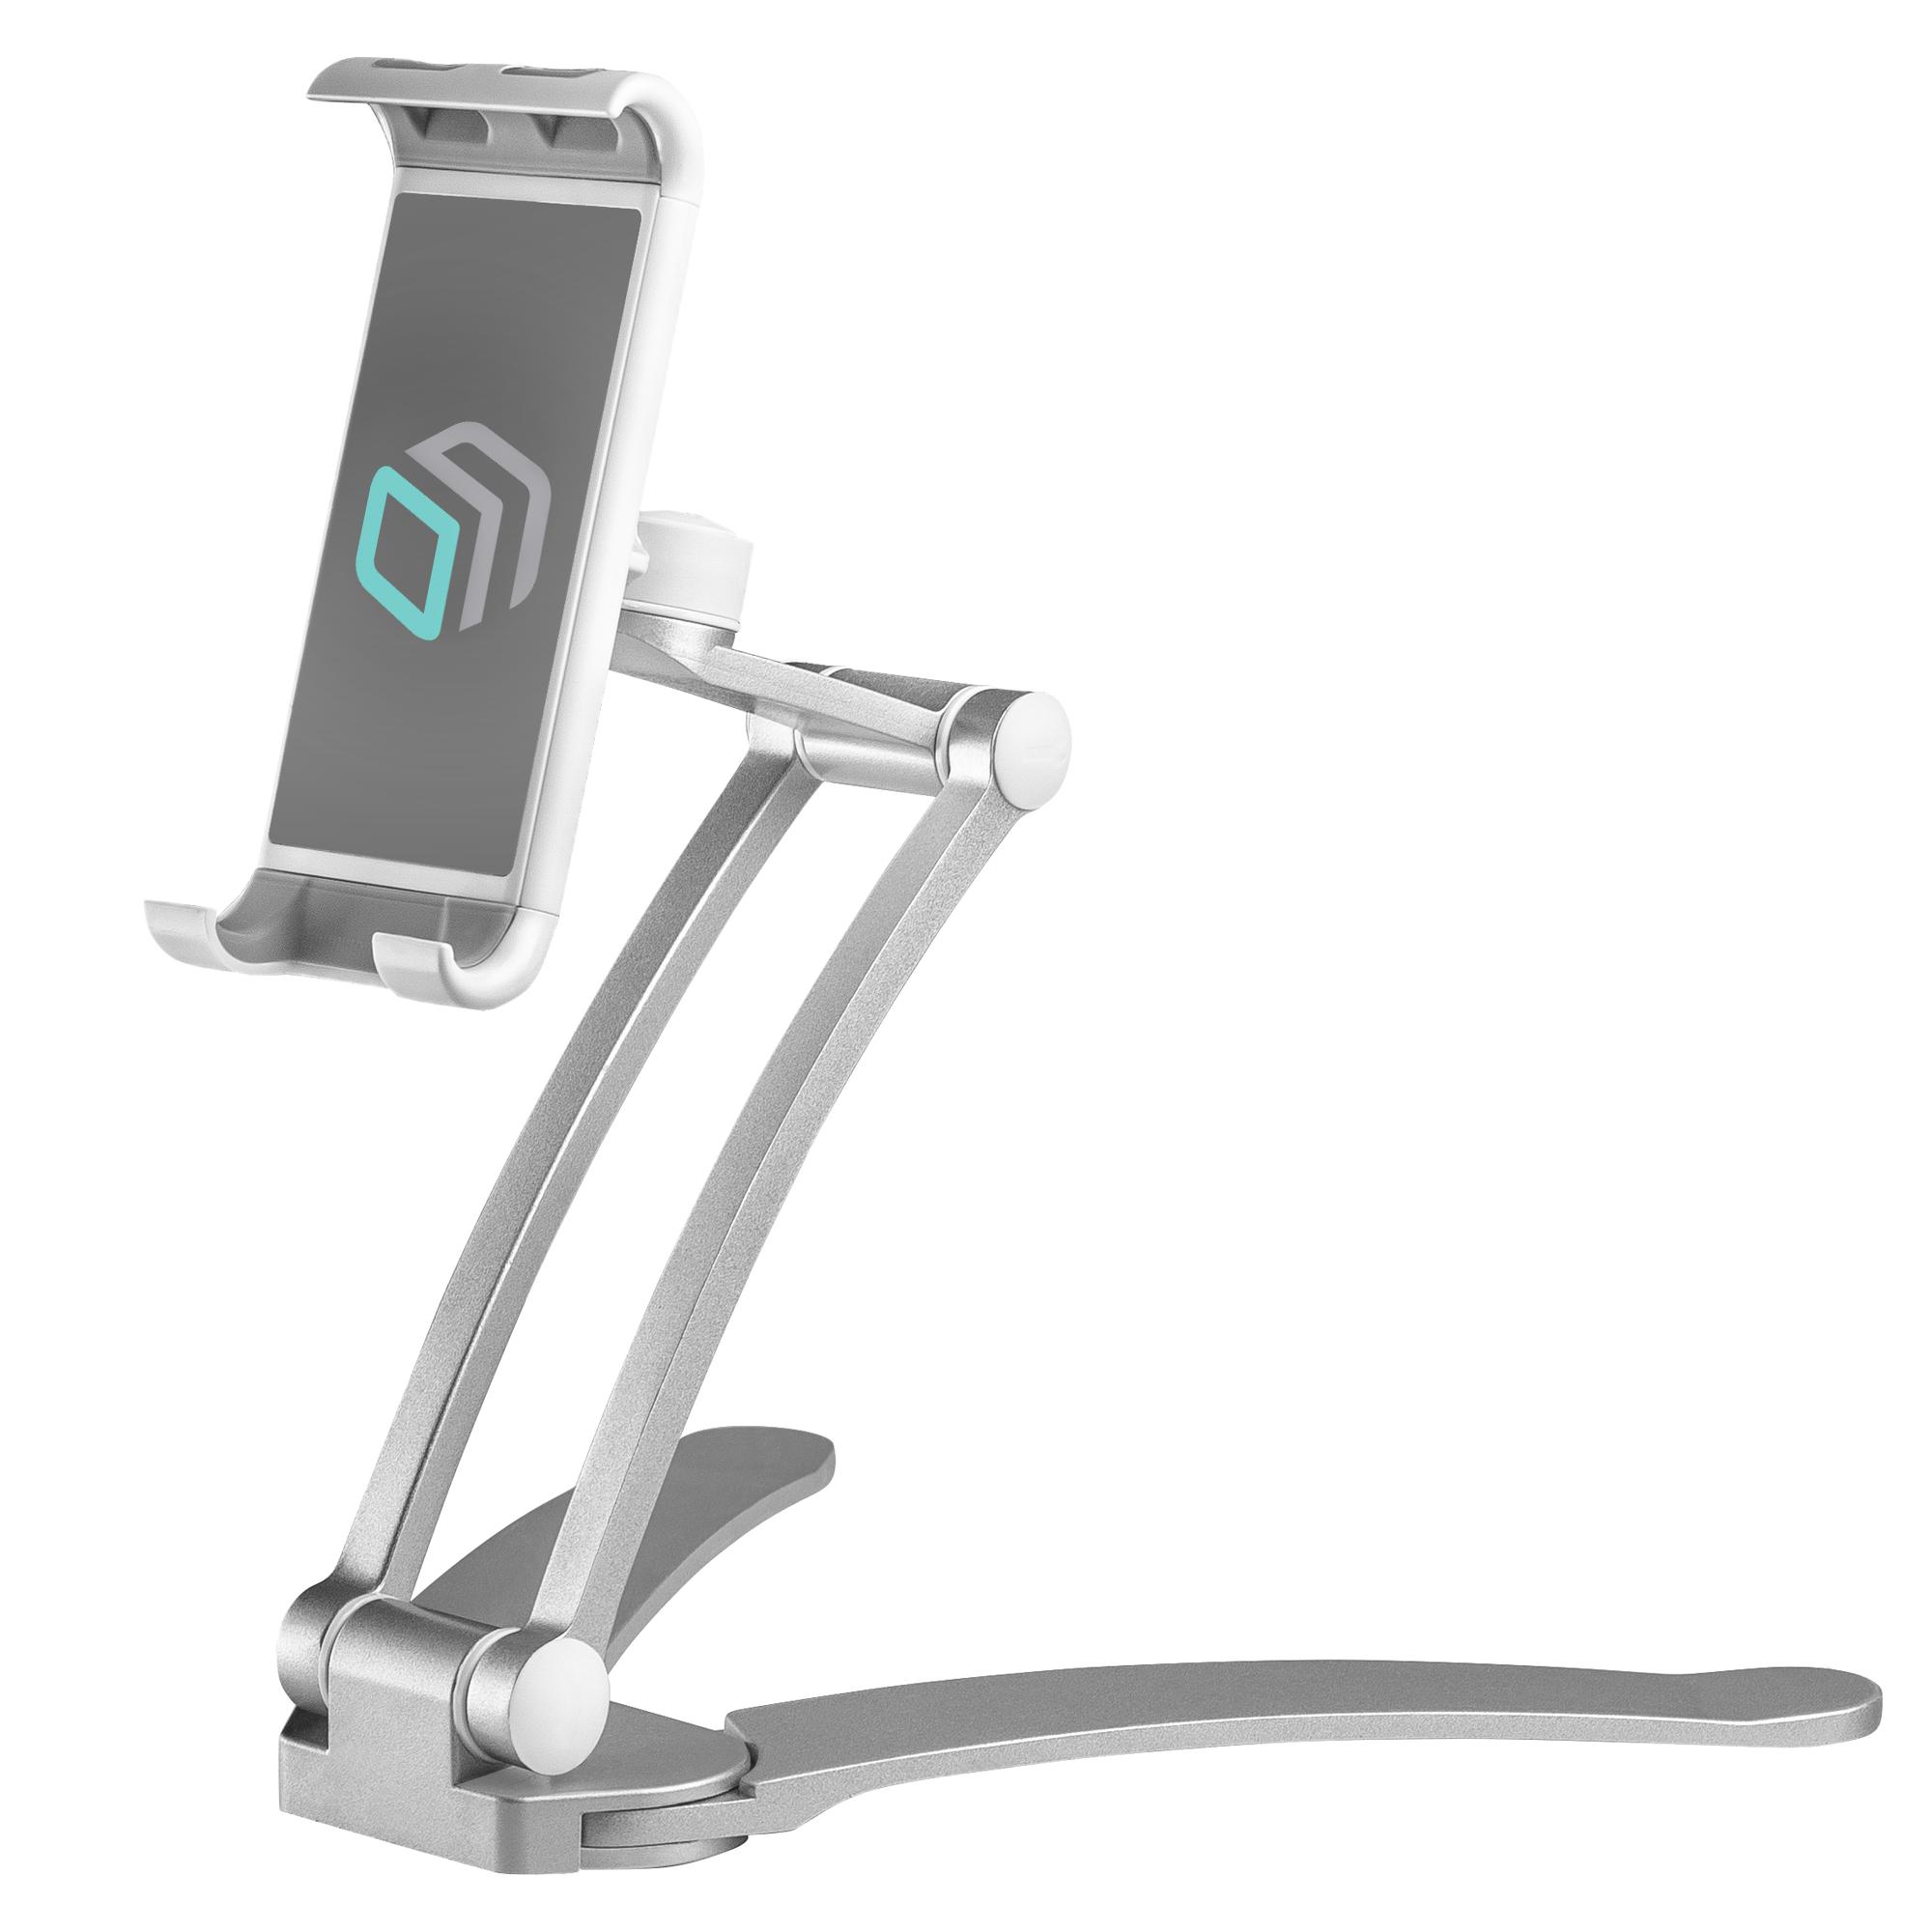 Supporto per Tablet Cellulare Smartphone